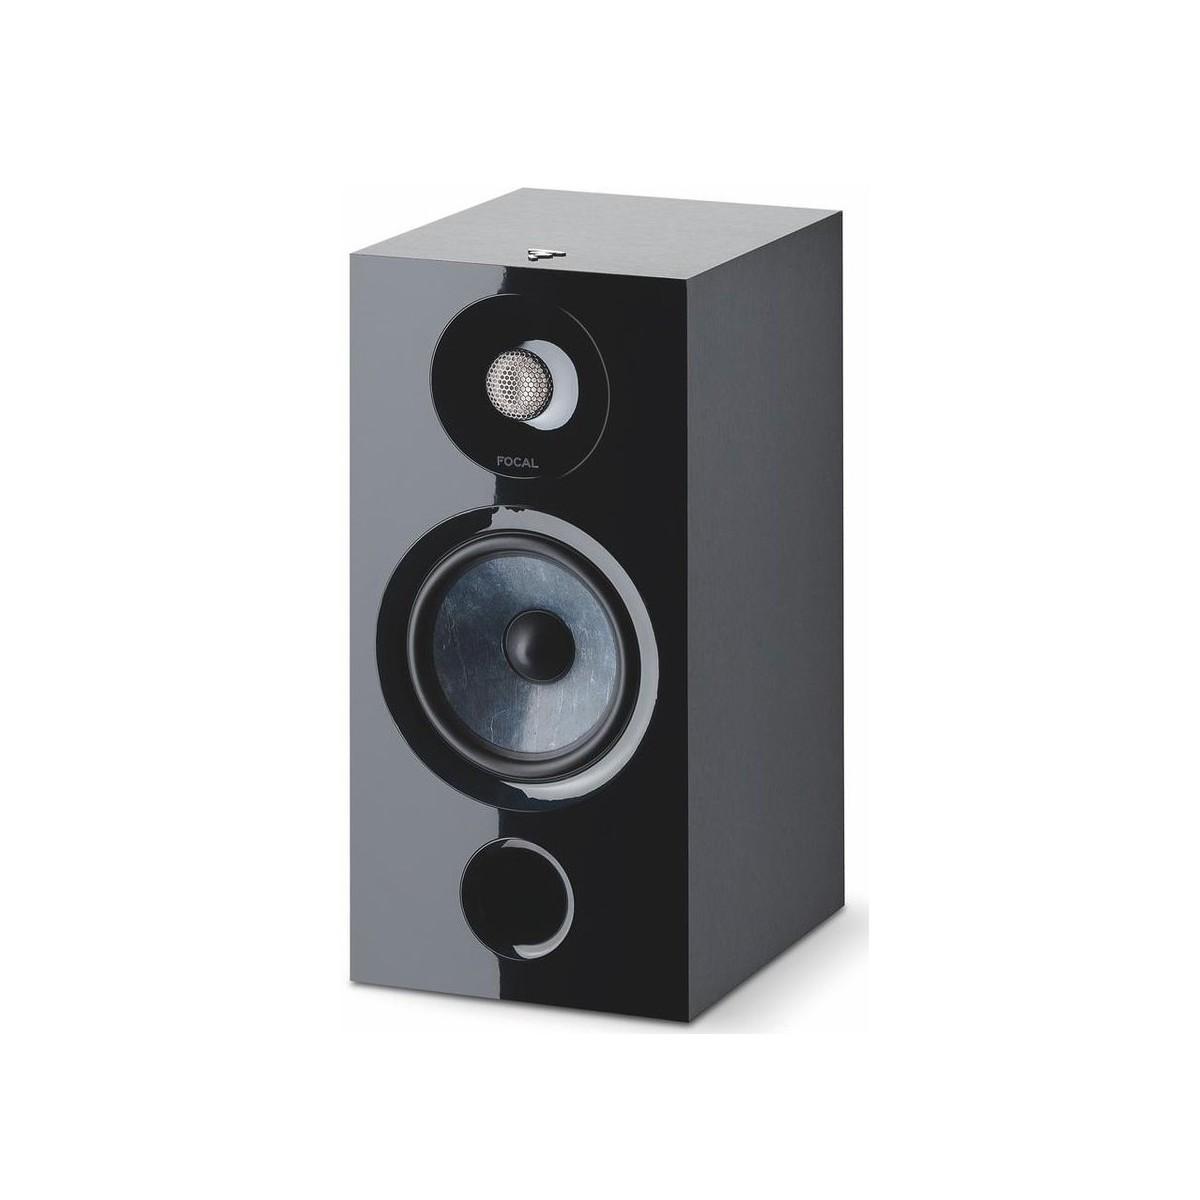 Állványra / polcra helyezhető hangsugárzó CHORA 806